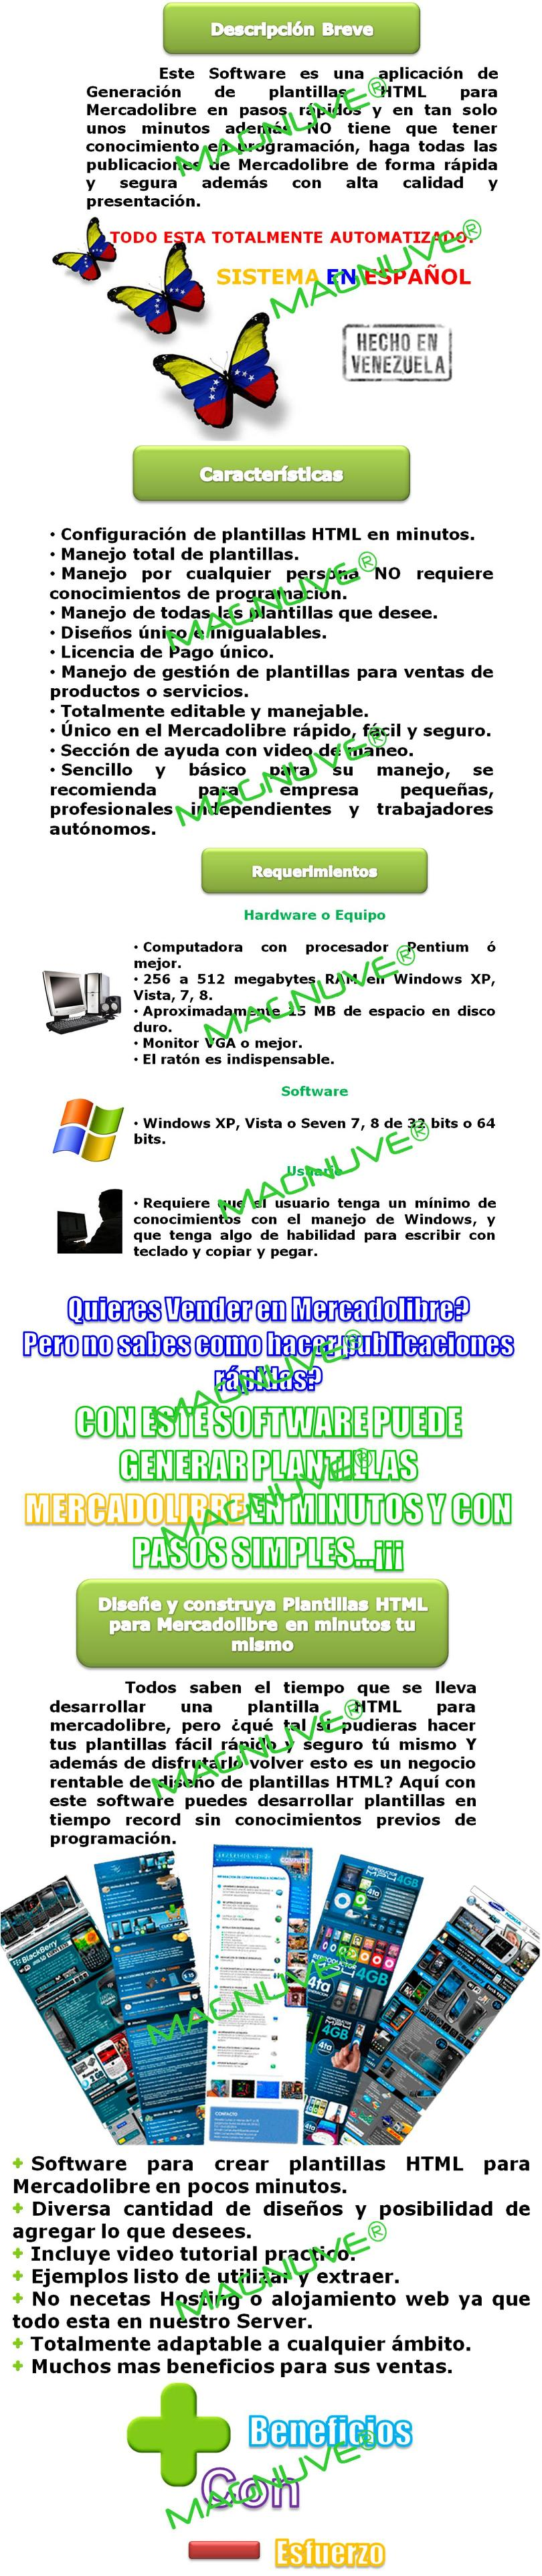 Sistema Software Web Generador Plantillas Html Mercadolibre Ventas